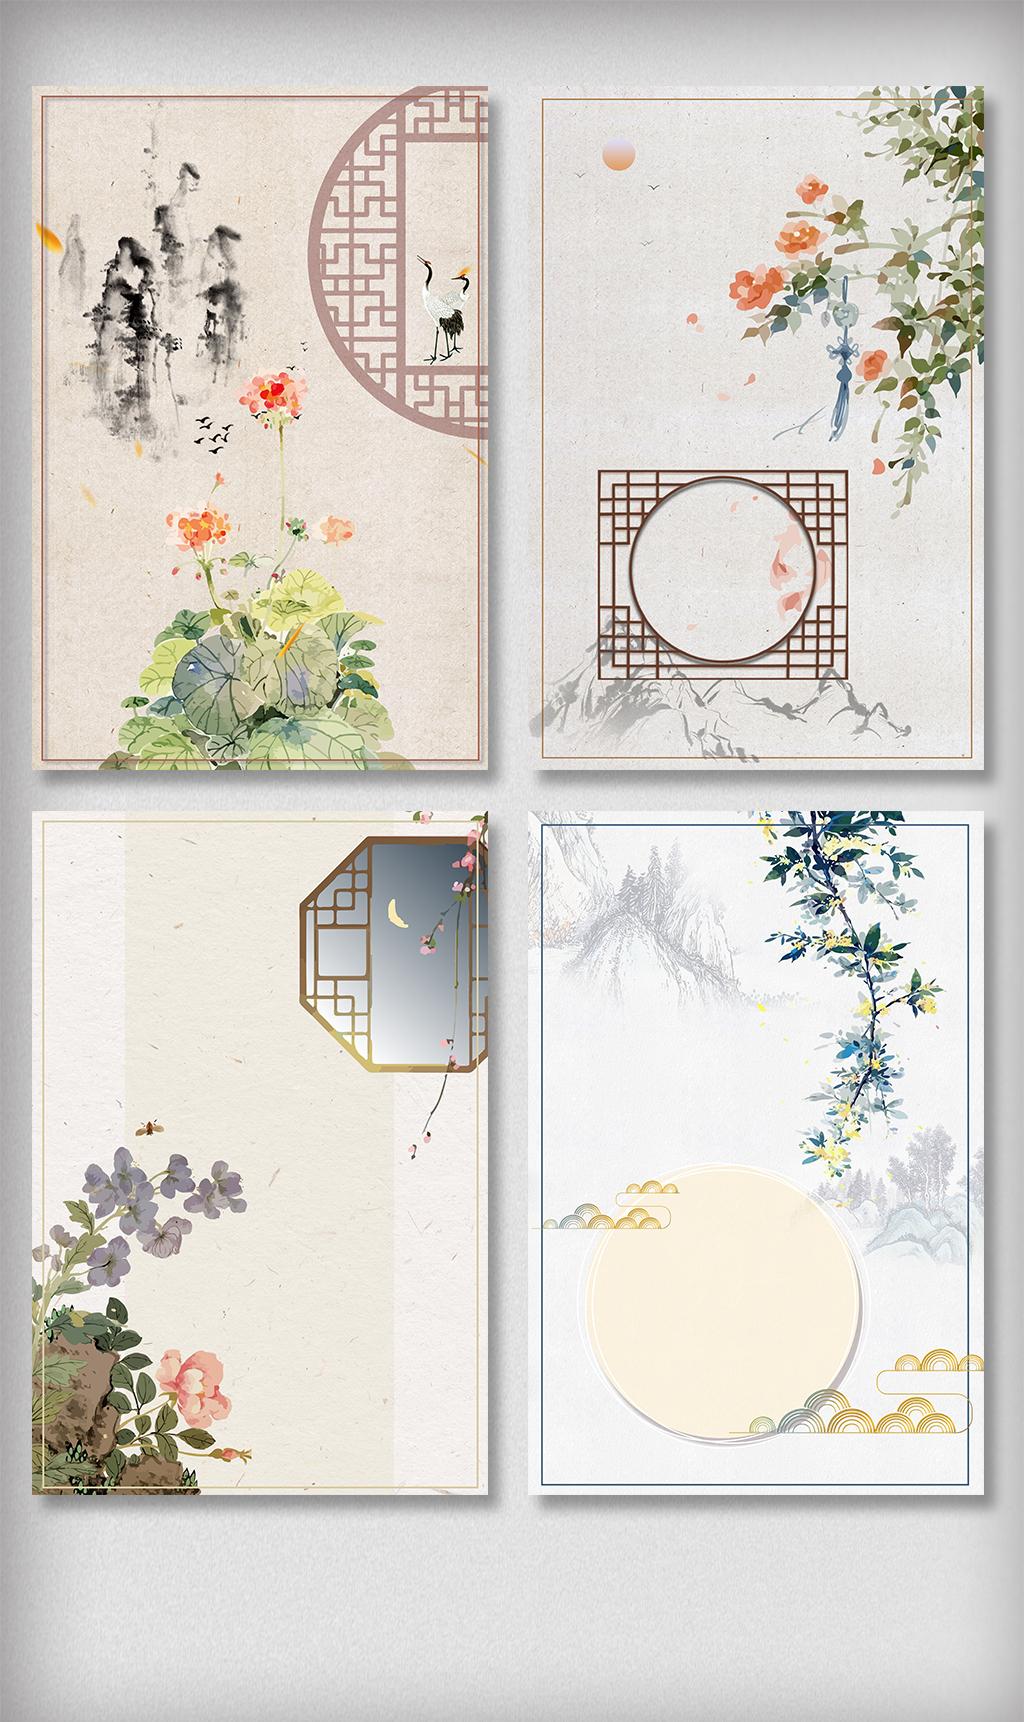 中国风水墨手绘古风插画海报背景